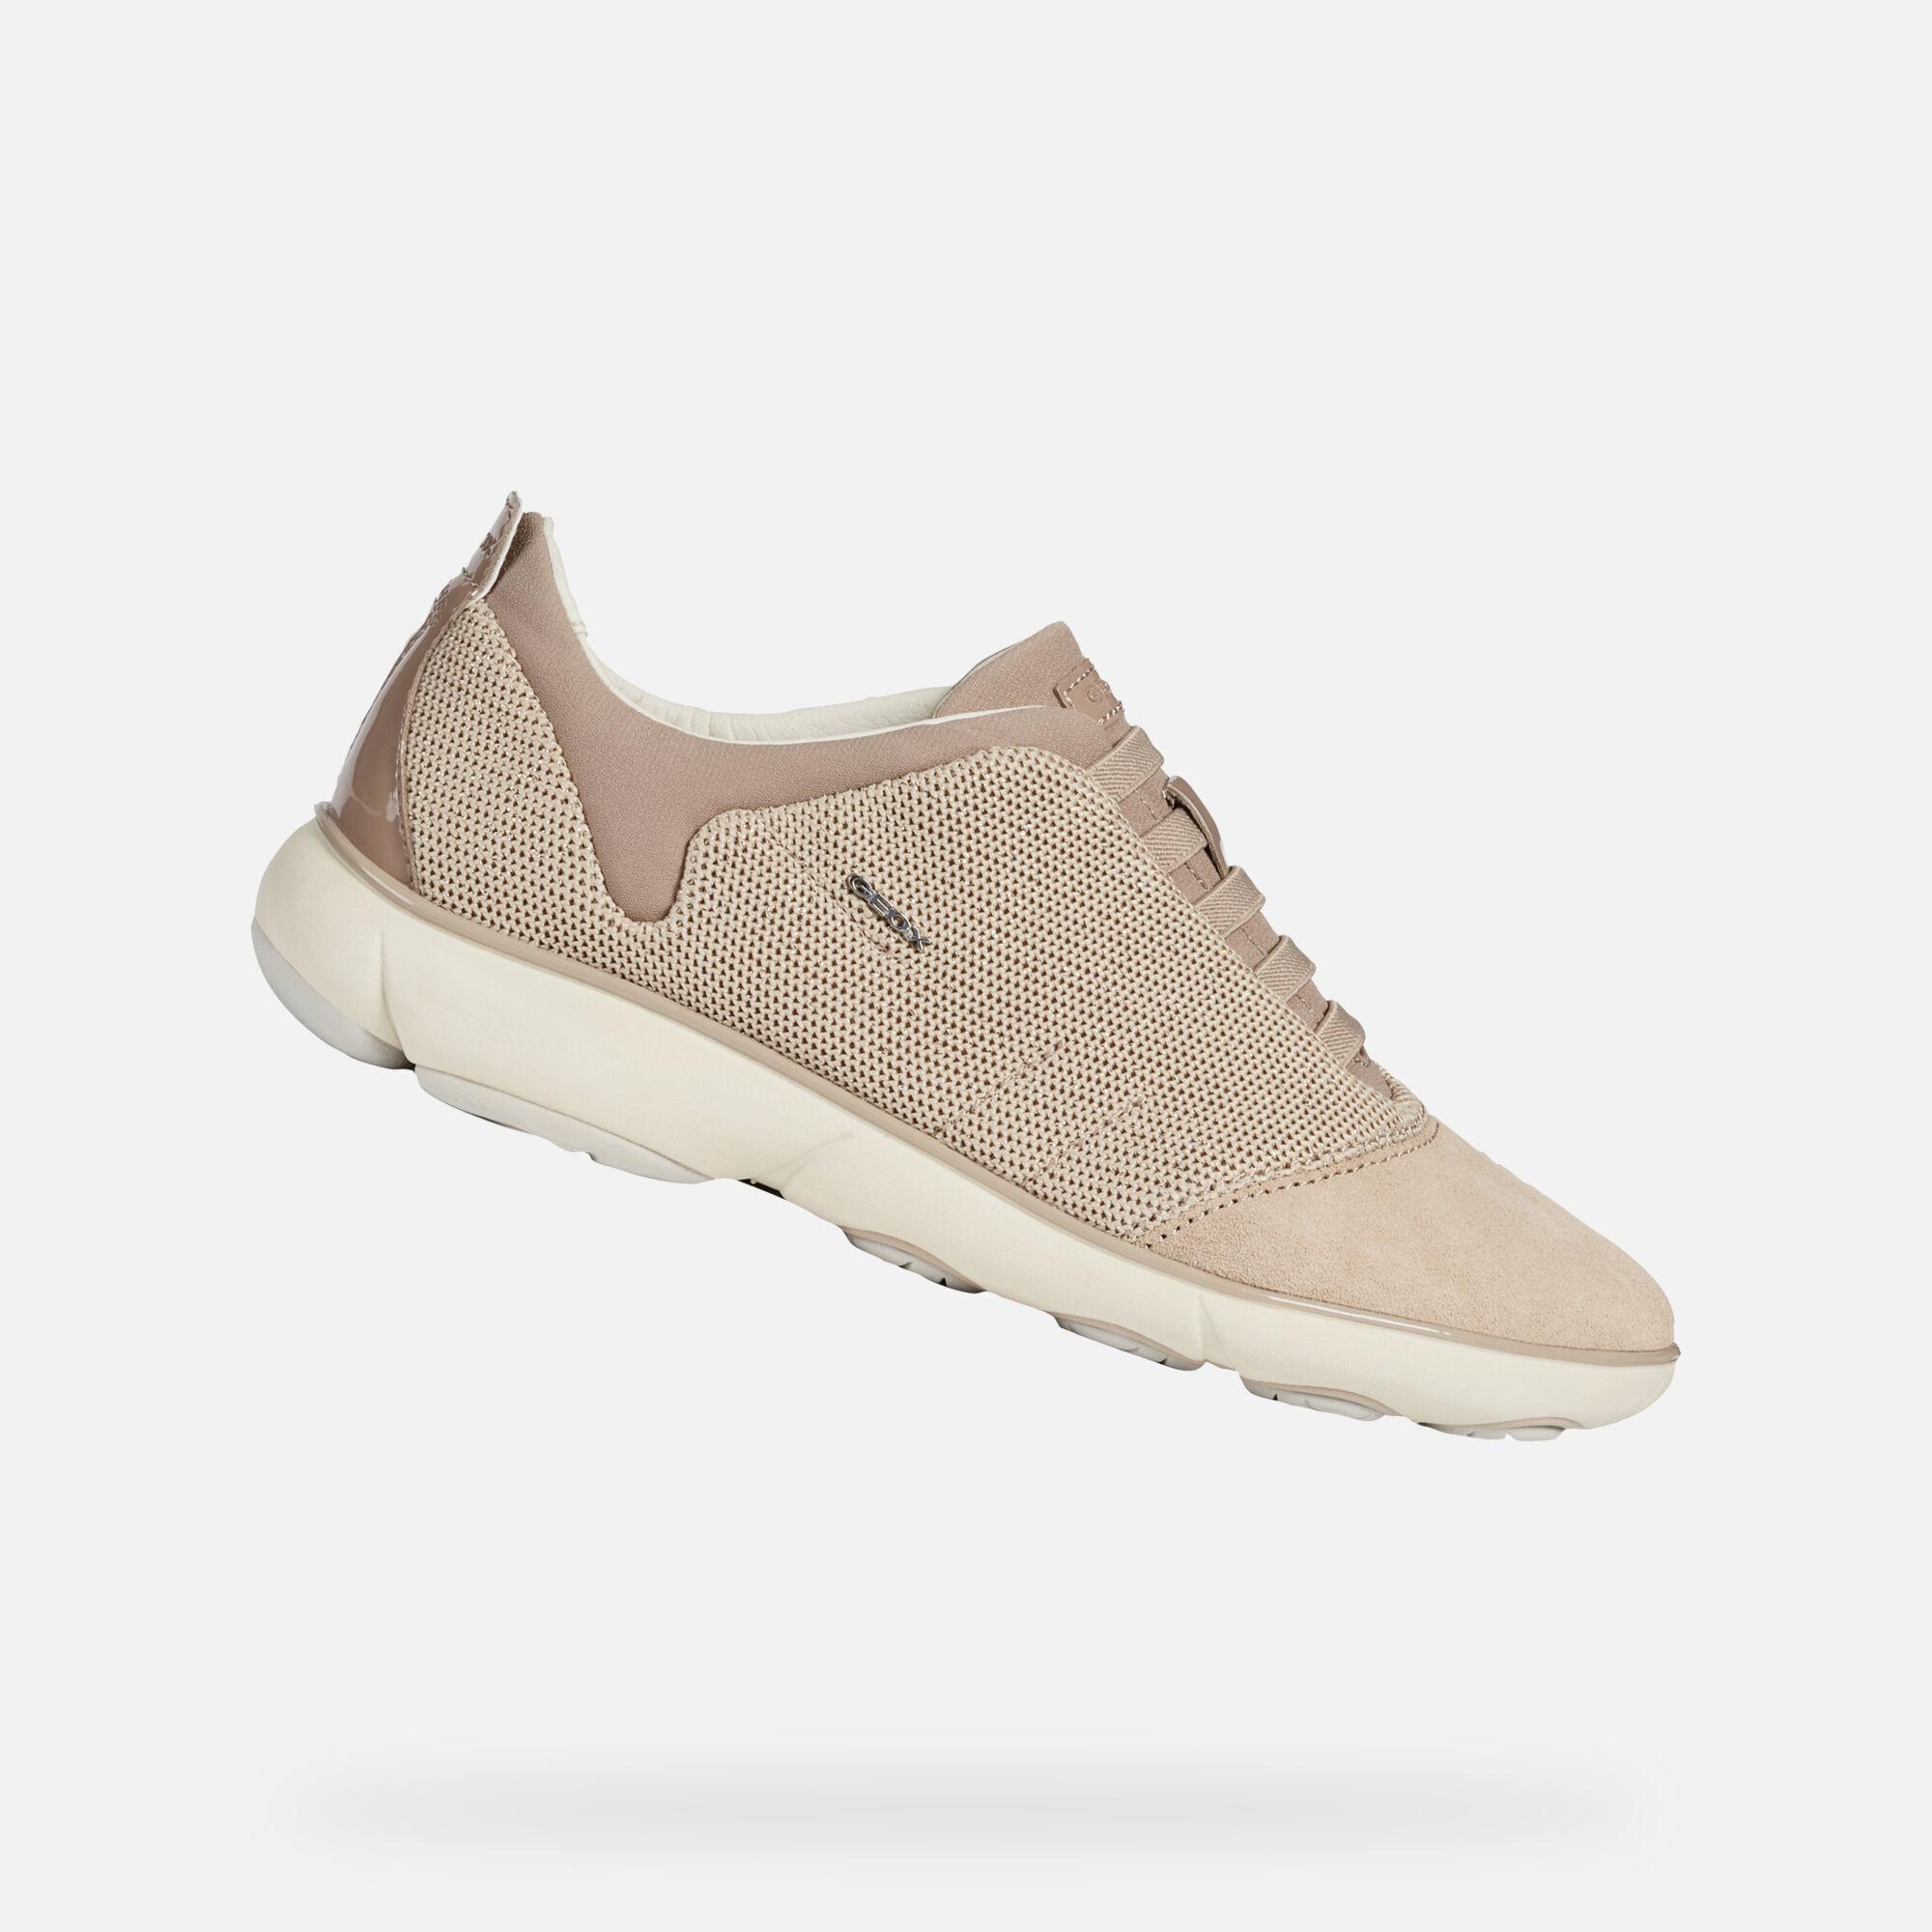 Geox NEBULA Woman: Beige Sneakers